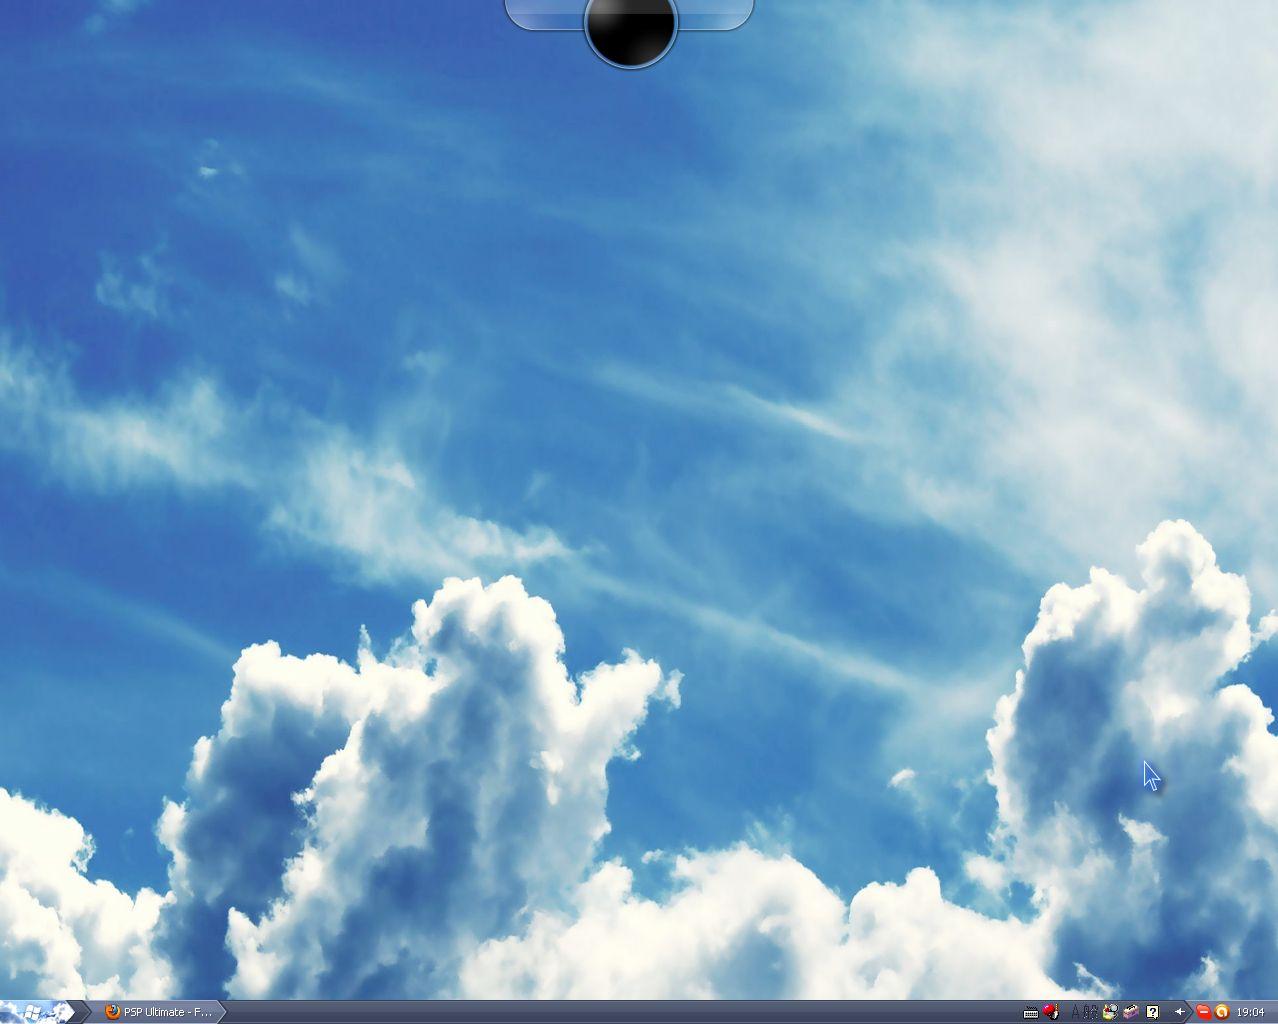 _2011-06-04_19-04-03.jpg